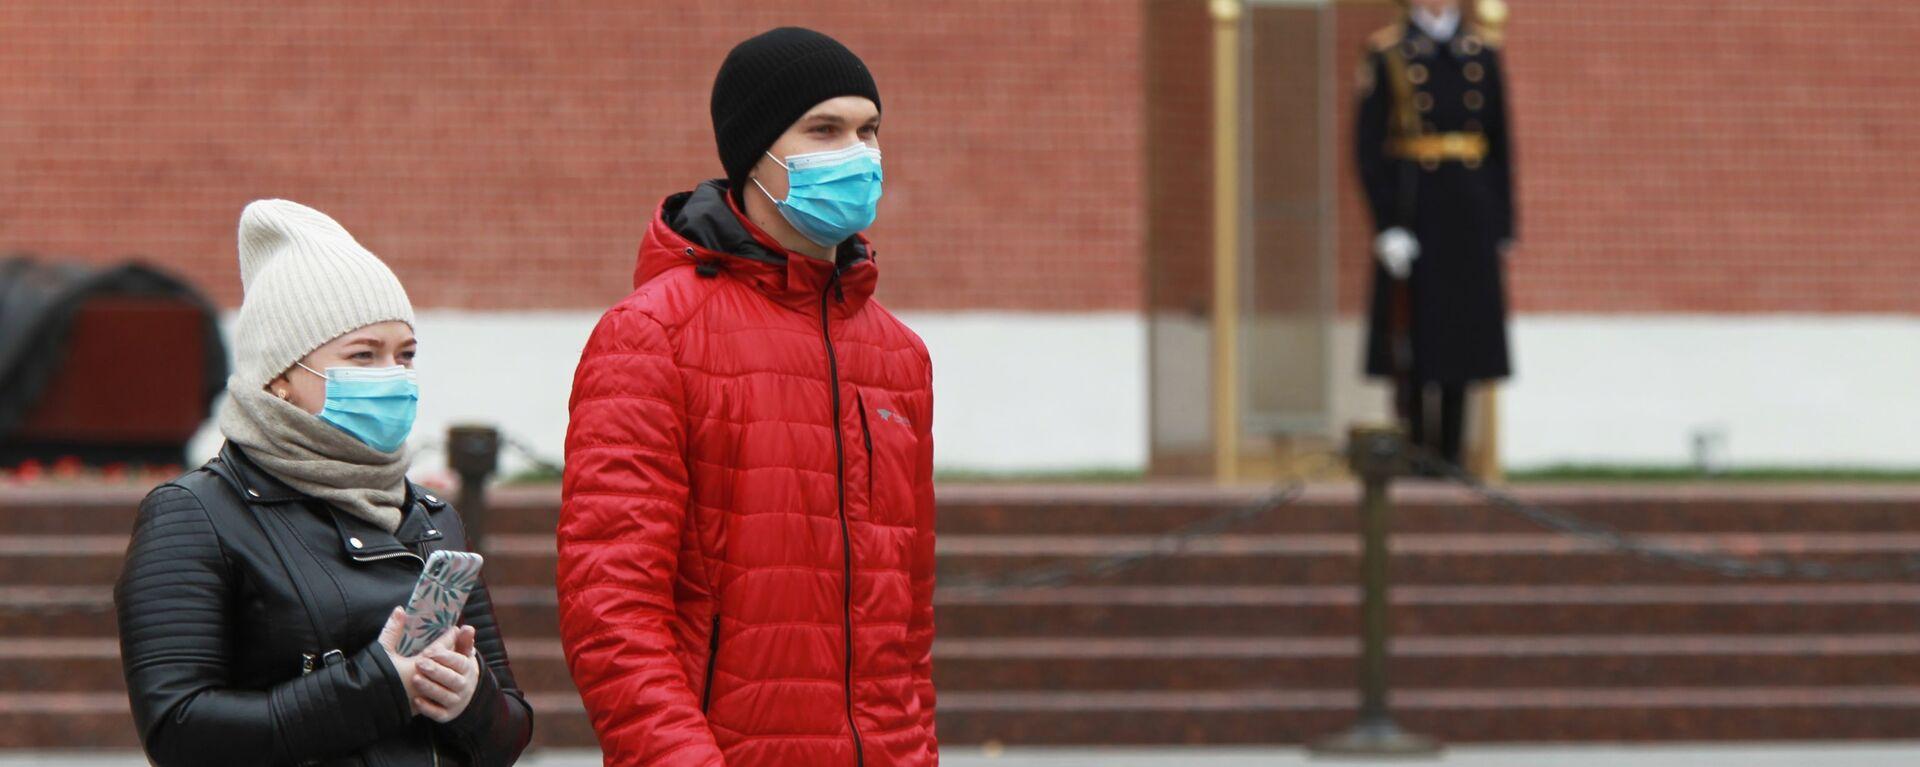 Coronavirus in Russia - persone in maschere protettive nel giardino Alexandrovsky a Mosca - Sputnik Italia, 1920, 27.02.2021